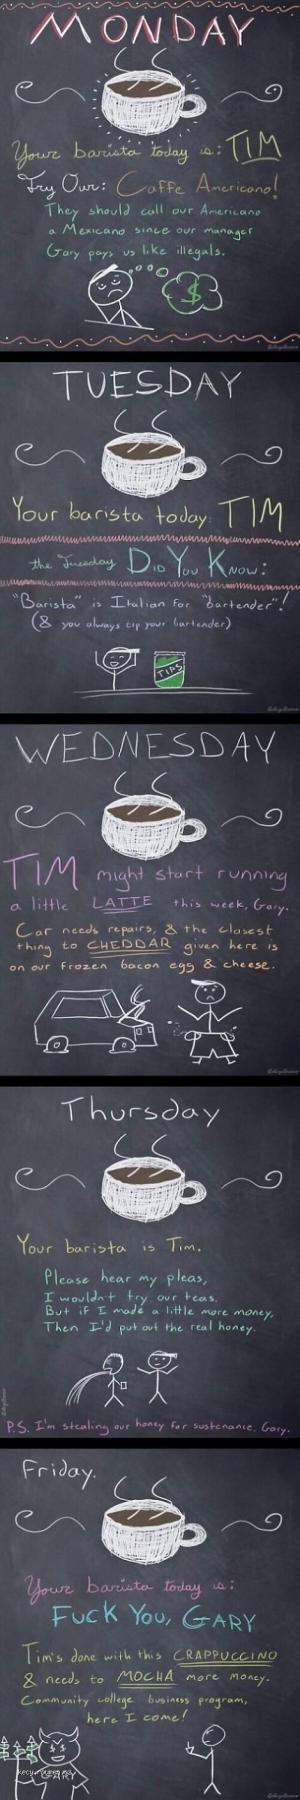 Tim Needs a Raise